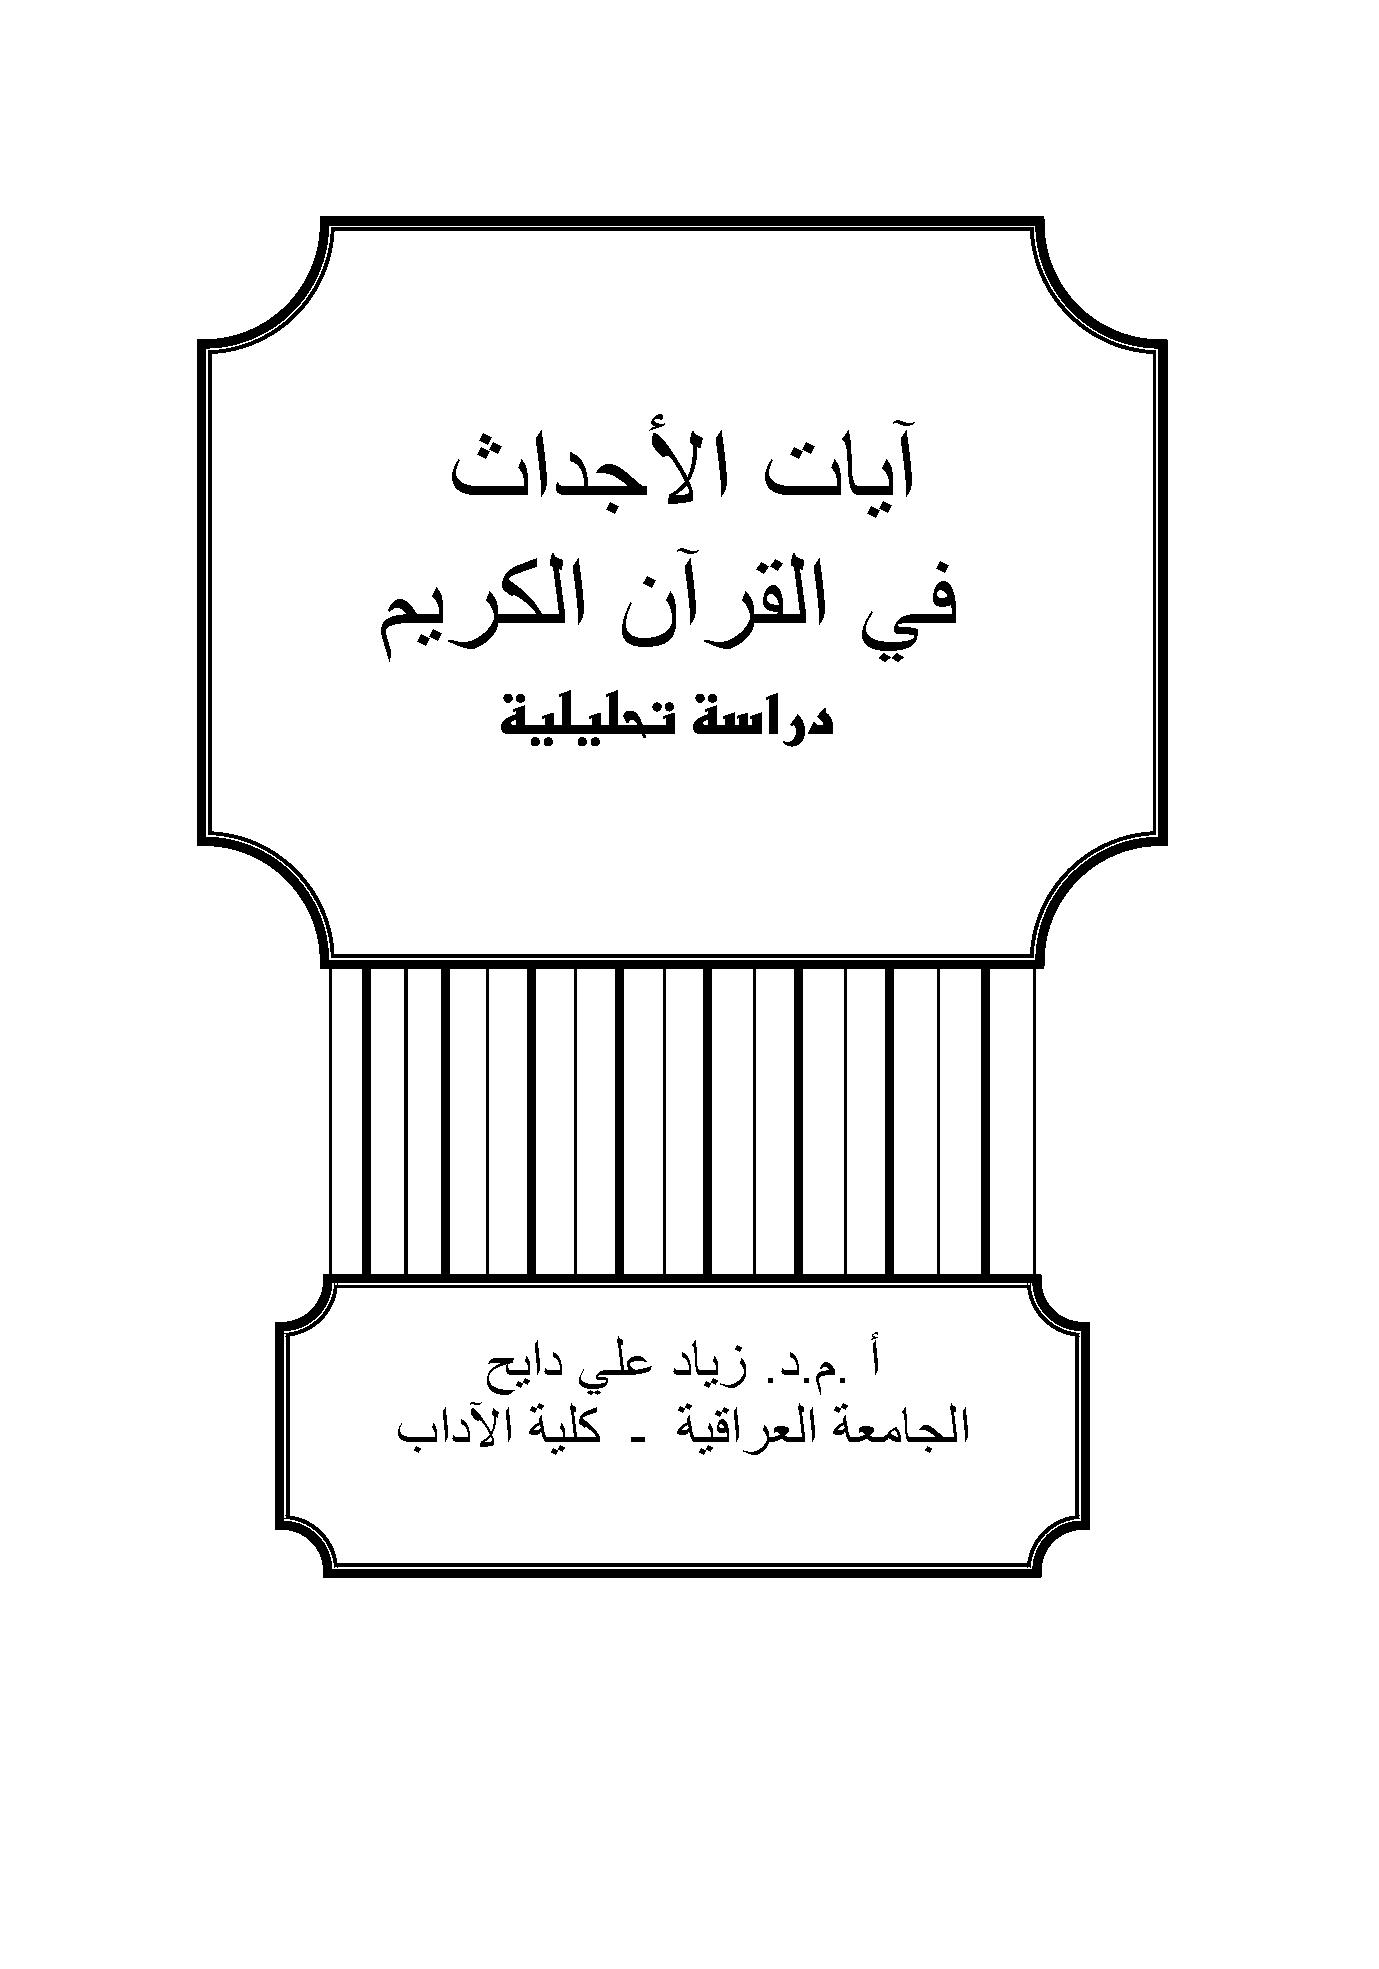 تحميل كتاب آيات الأجداث في القرآن الكريم (دراسة تحليلية) لـِ: الدكتور زياد علي دايح الفهداوي